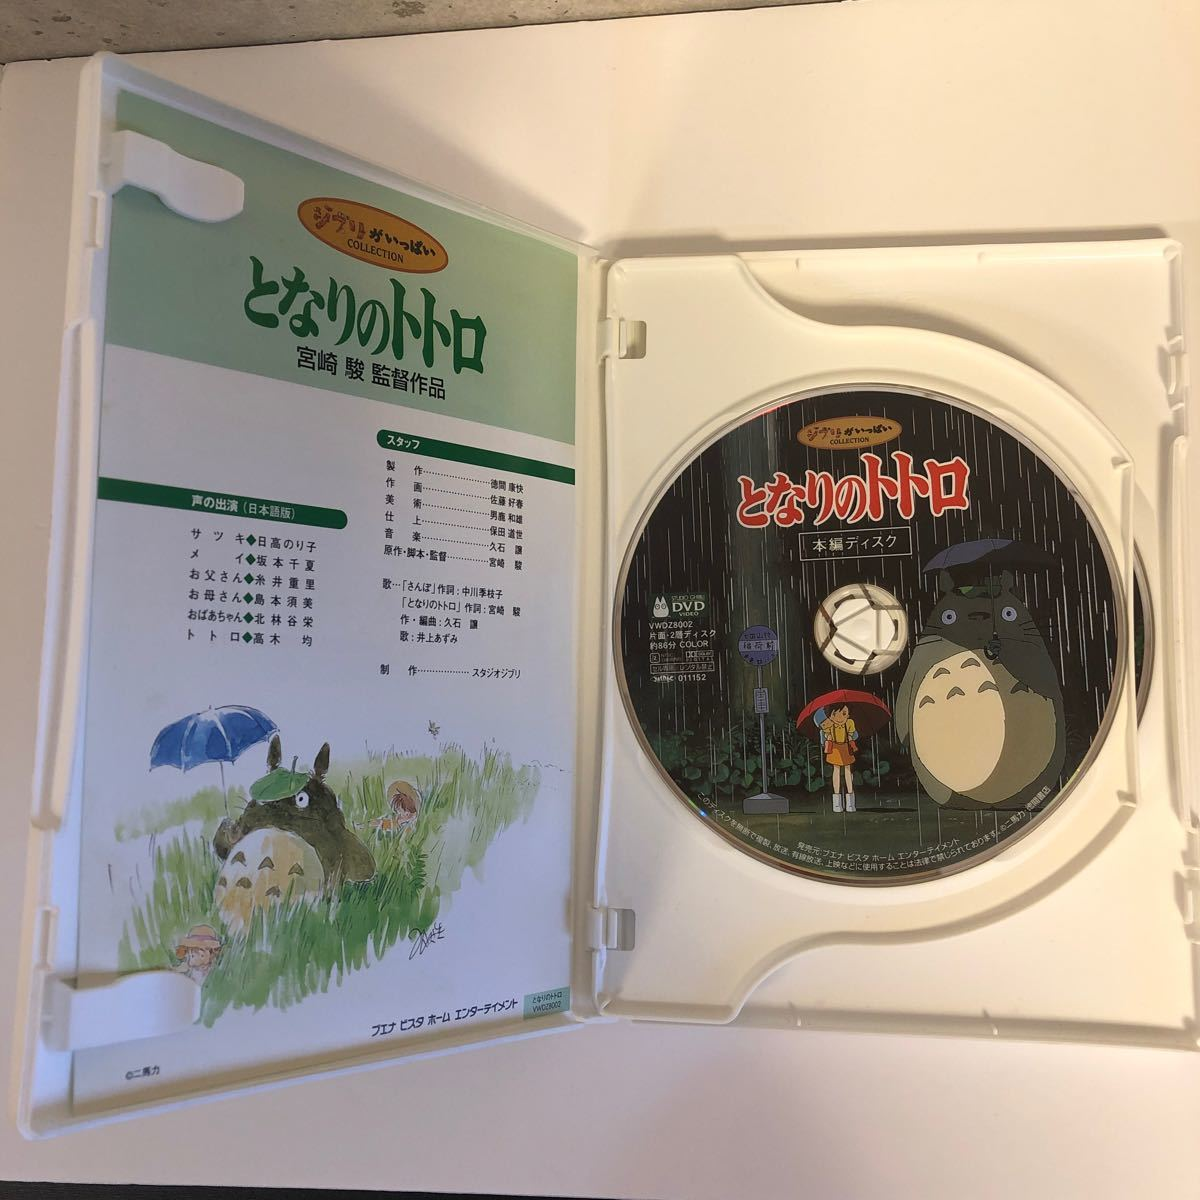 ハウルの動く城 となりのトトロ 宮崎駿 スタジオジブリ DVD